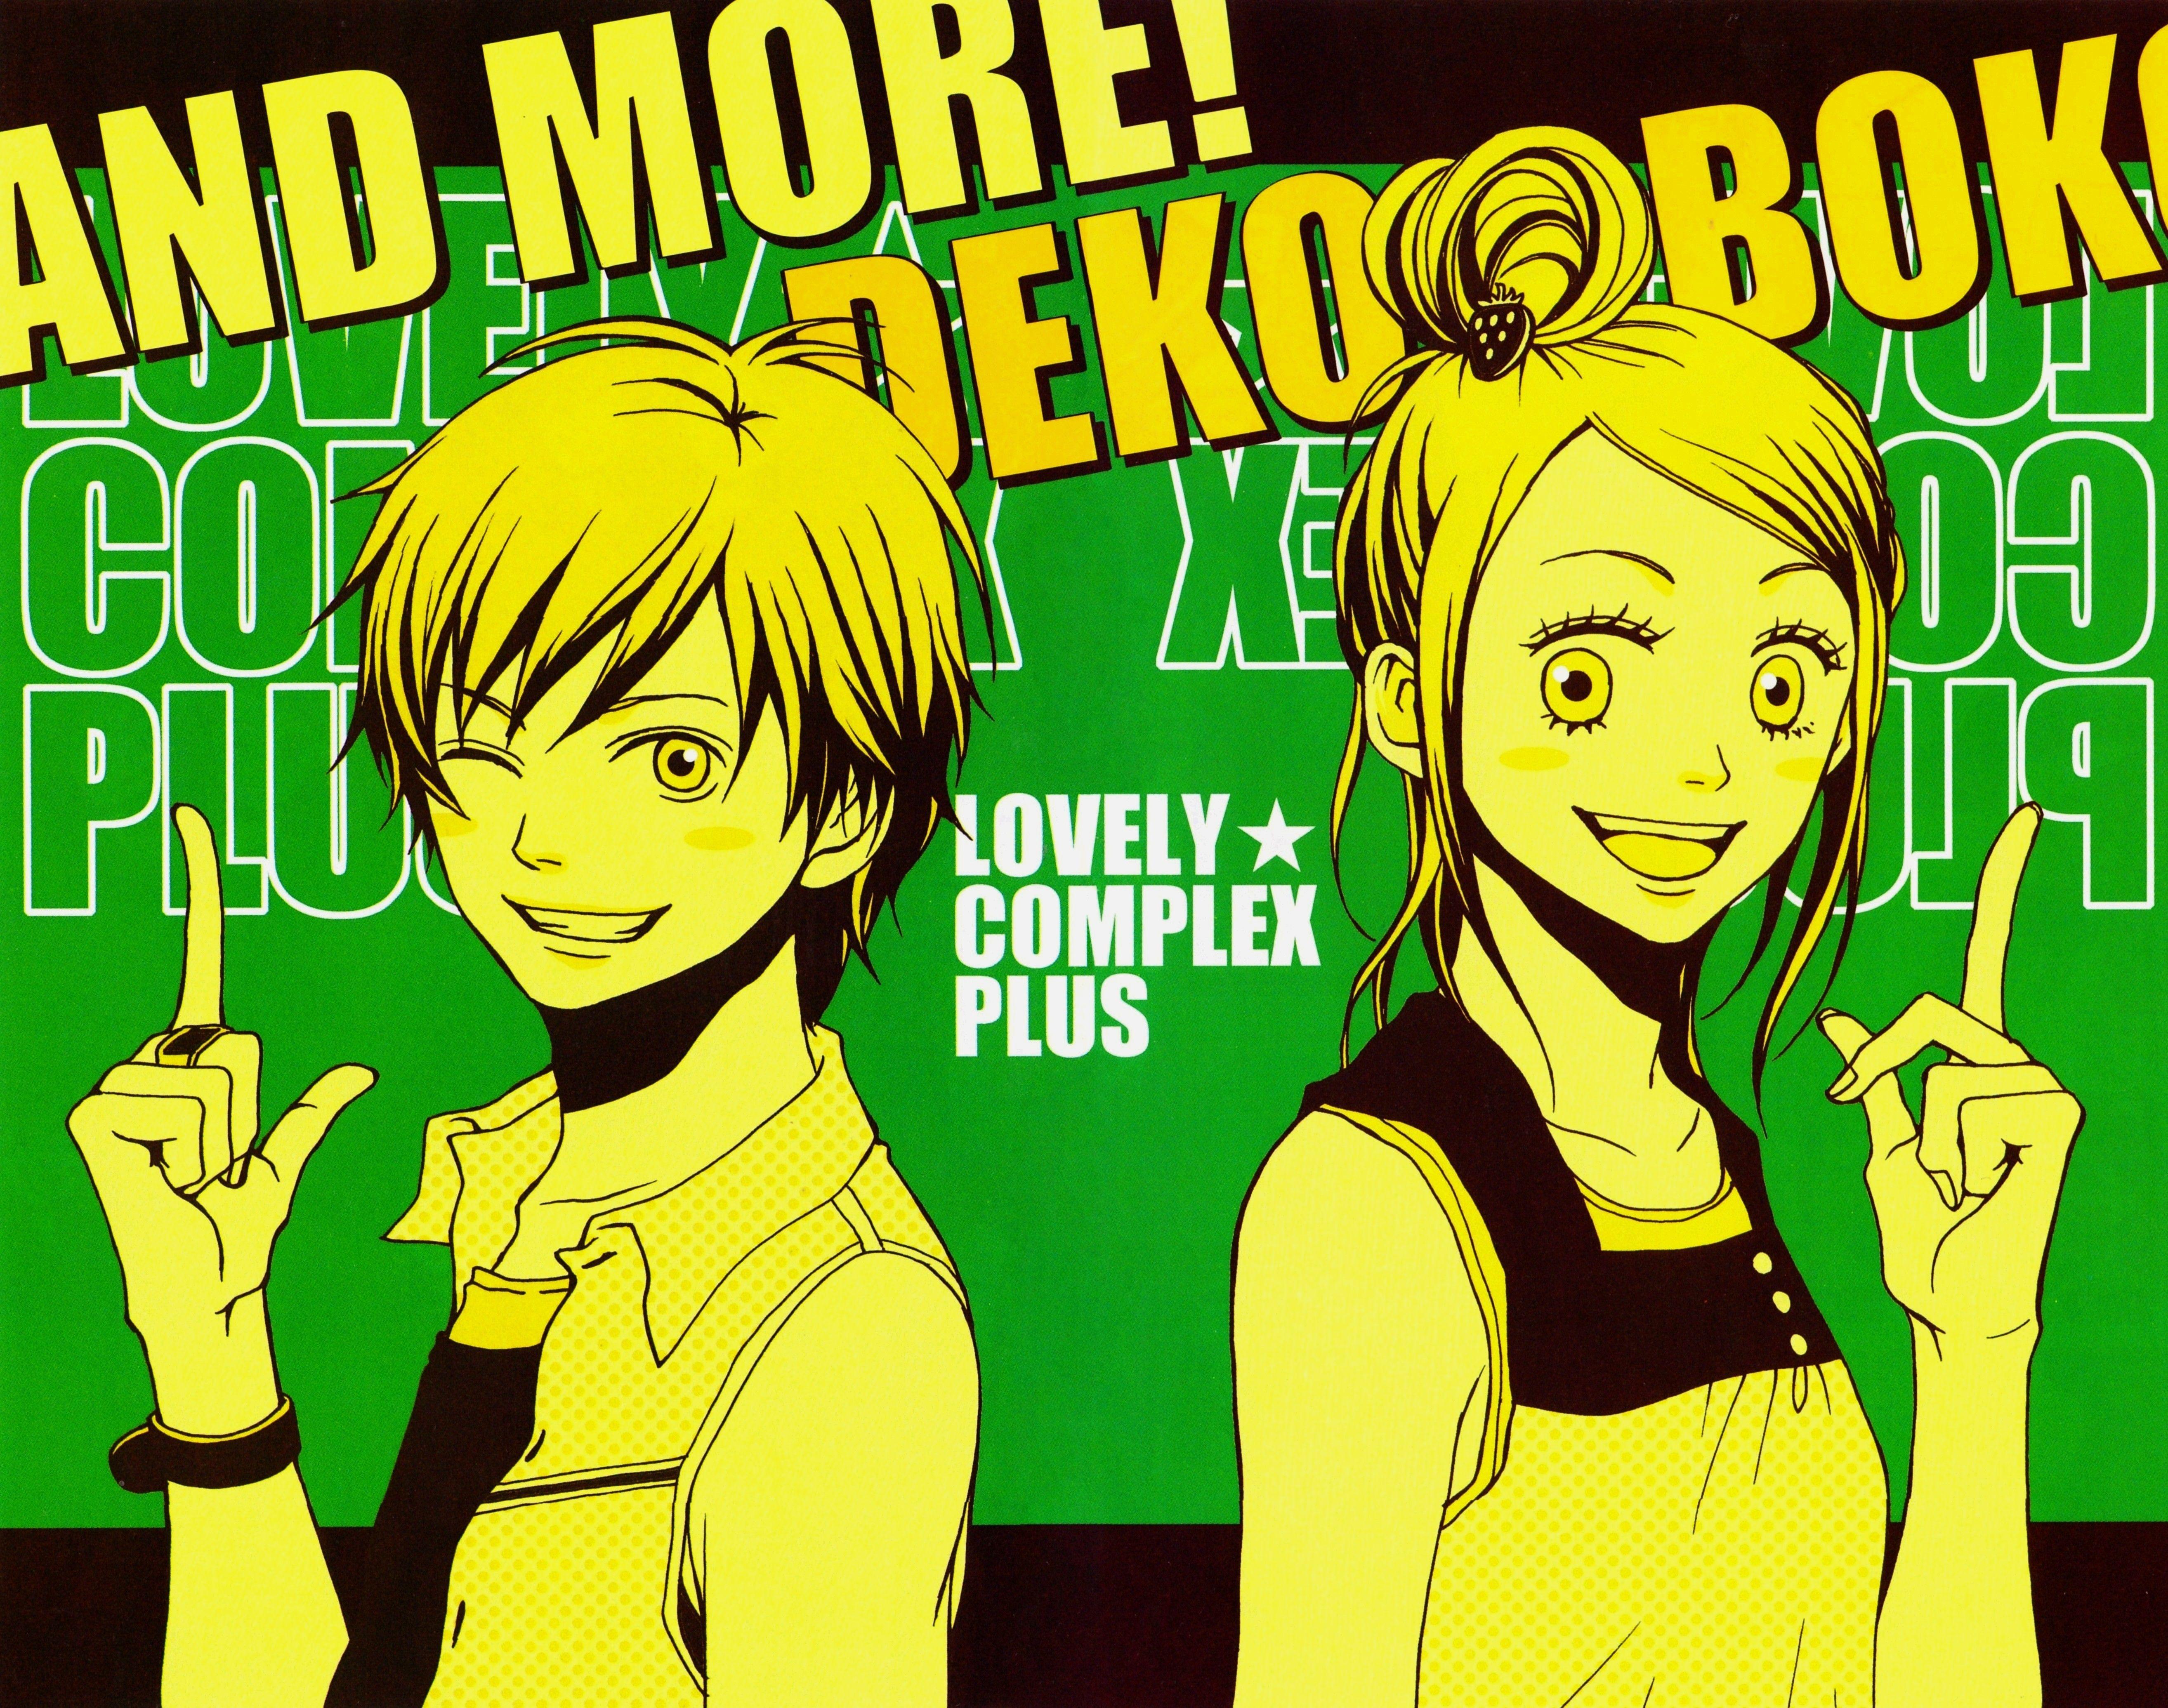 Lovely Complex Aya Nakahara Toei Animation / Koizumi